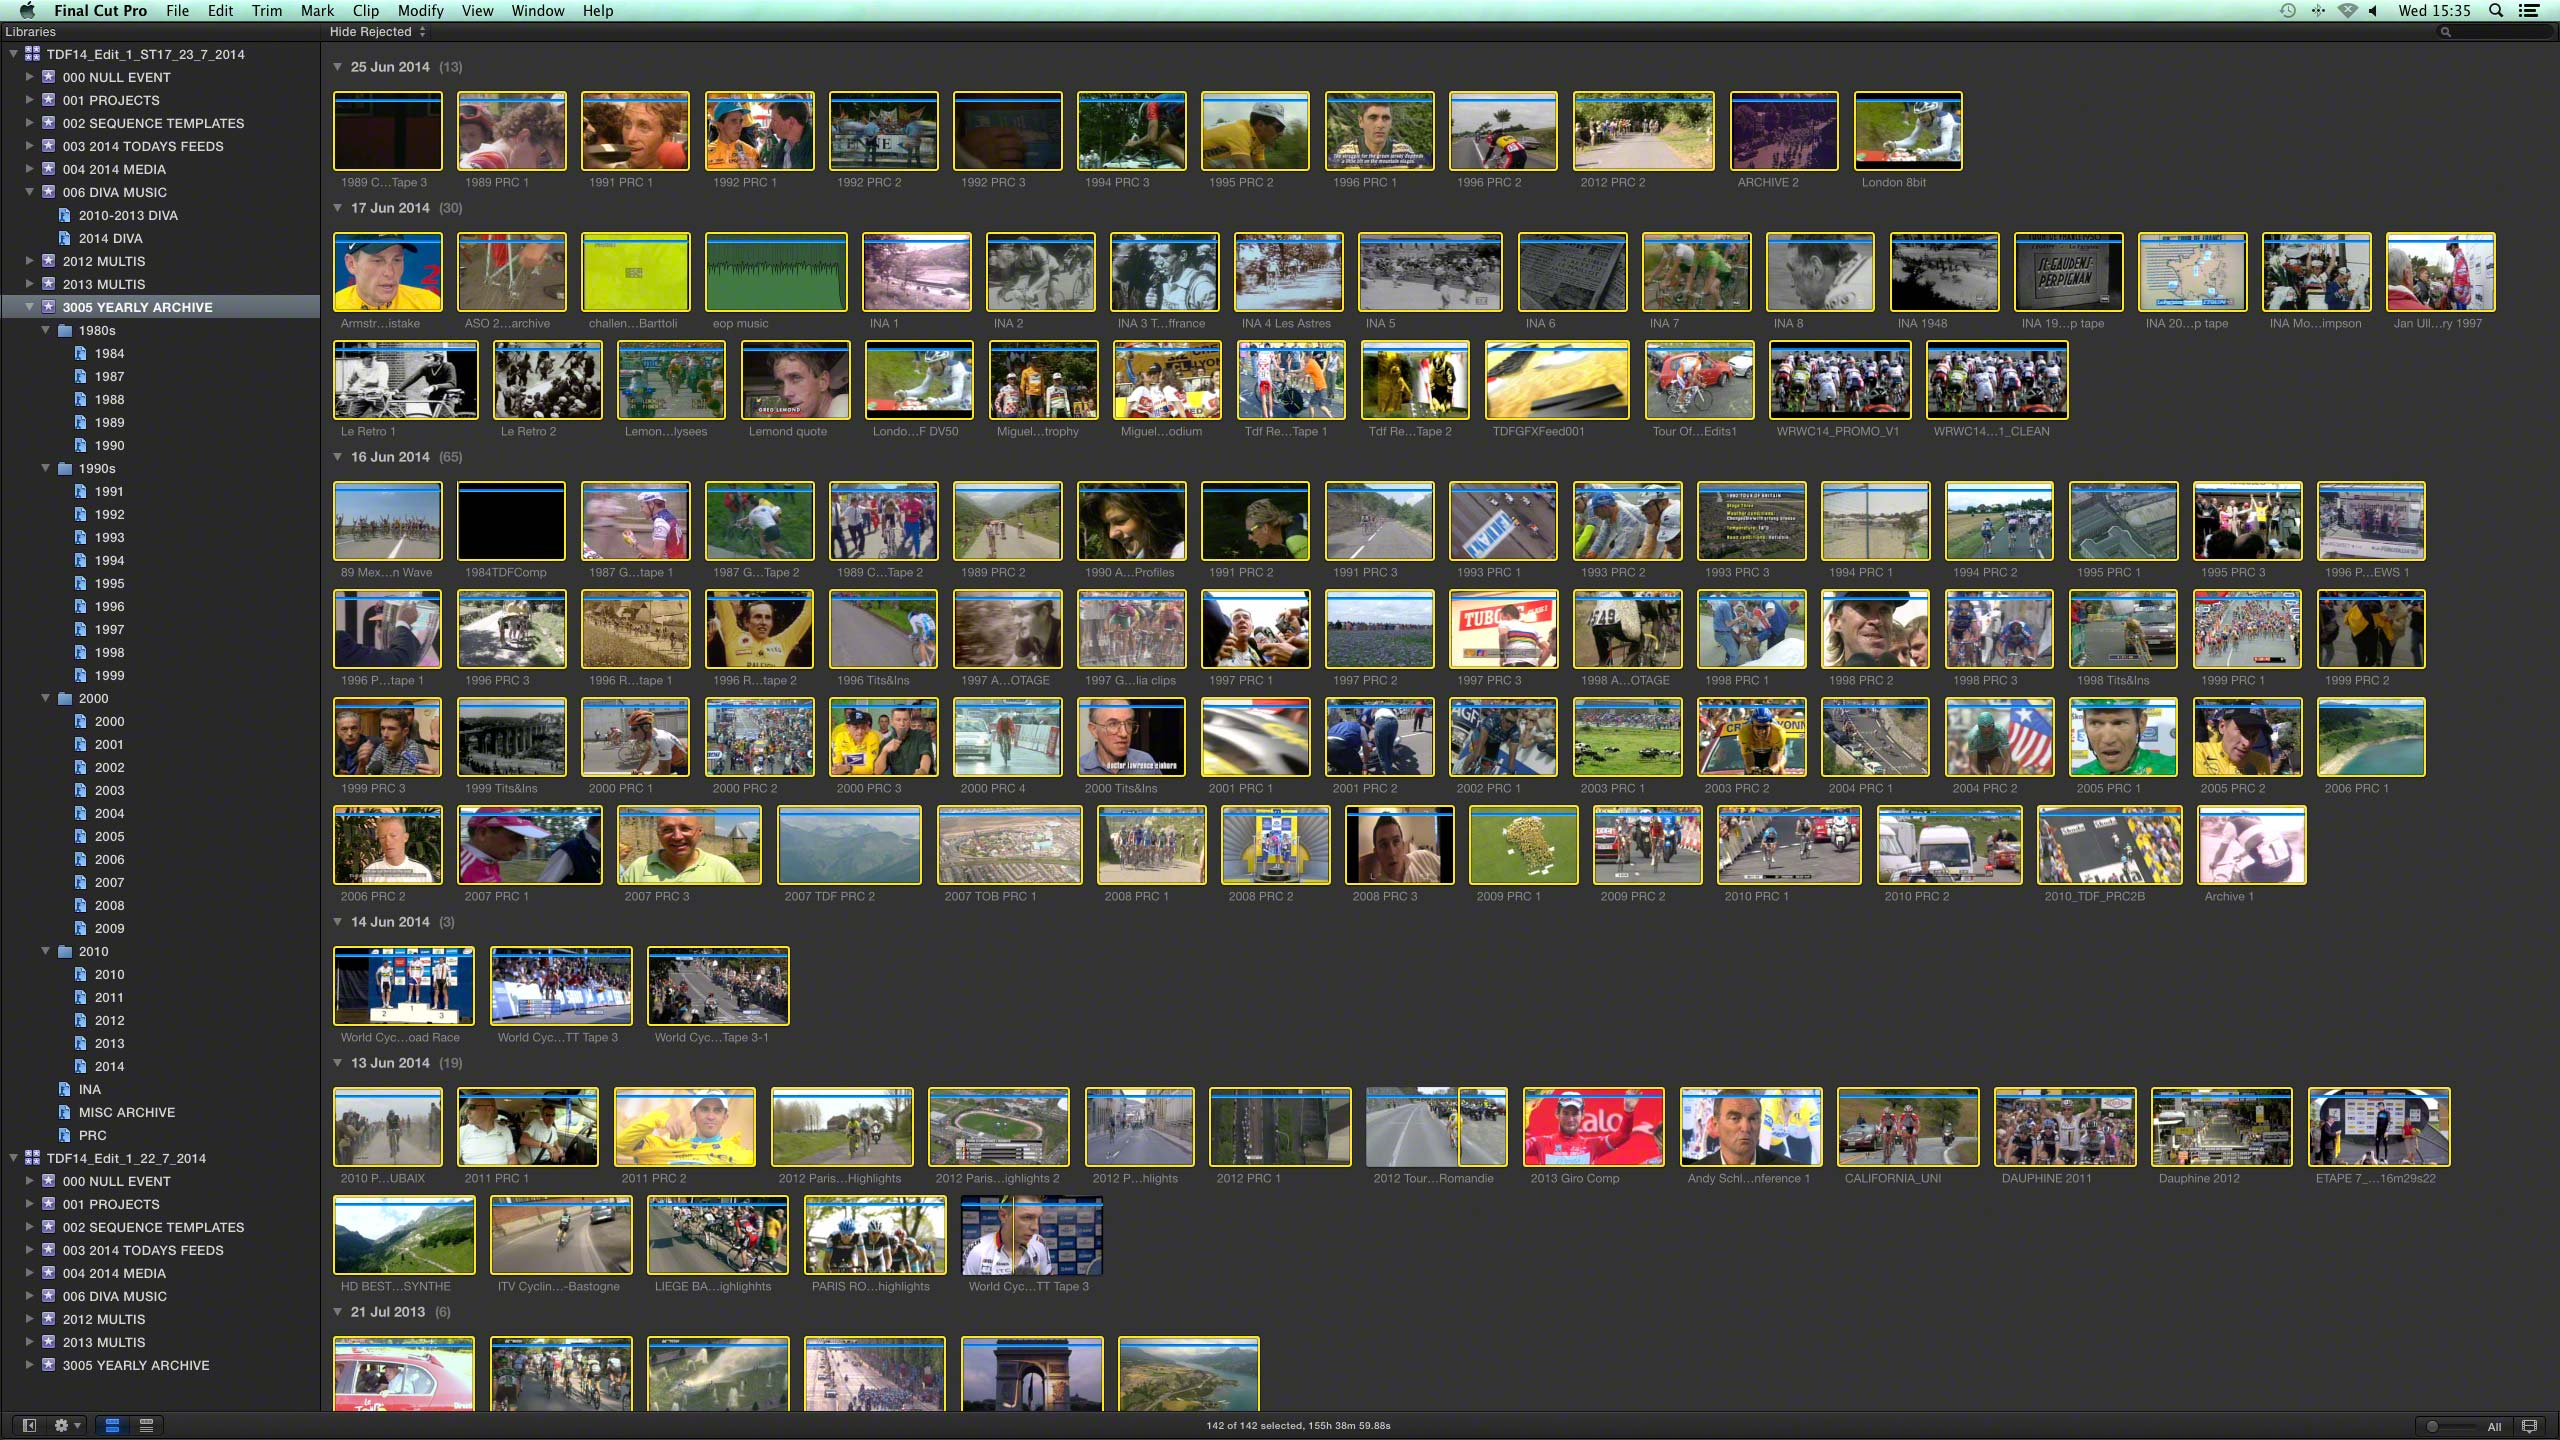 Editing the Tour de France on Final Cut Pro X